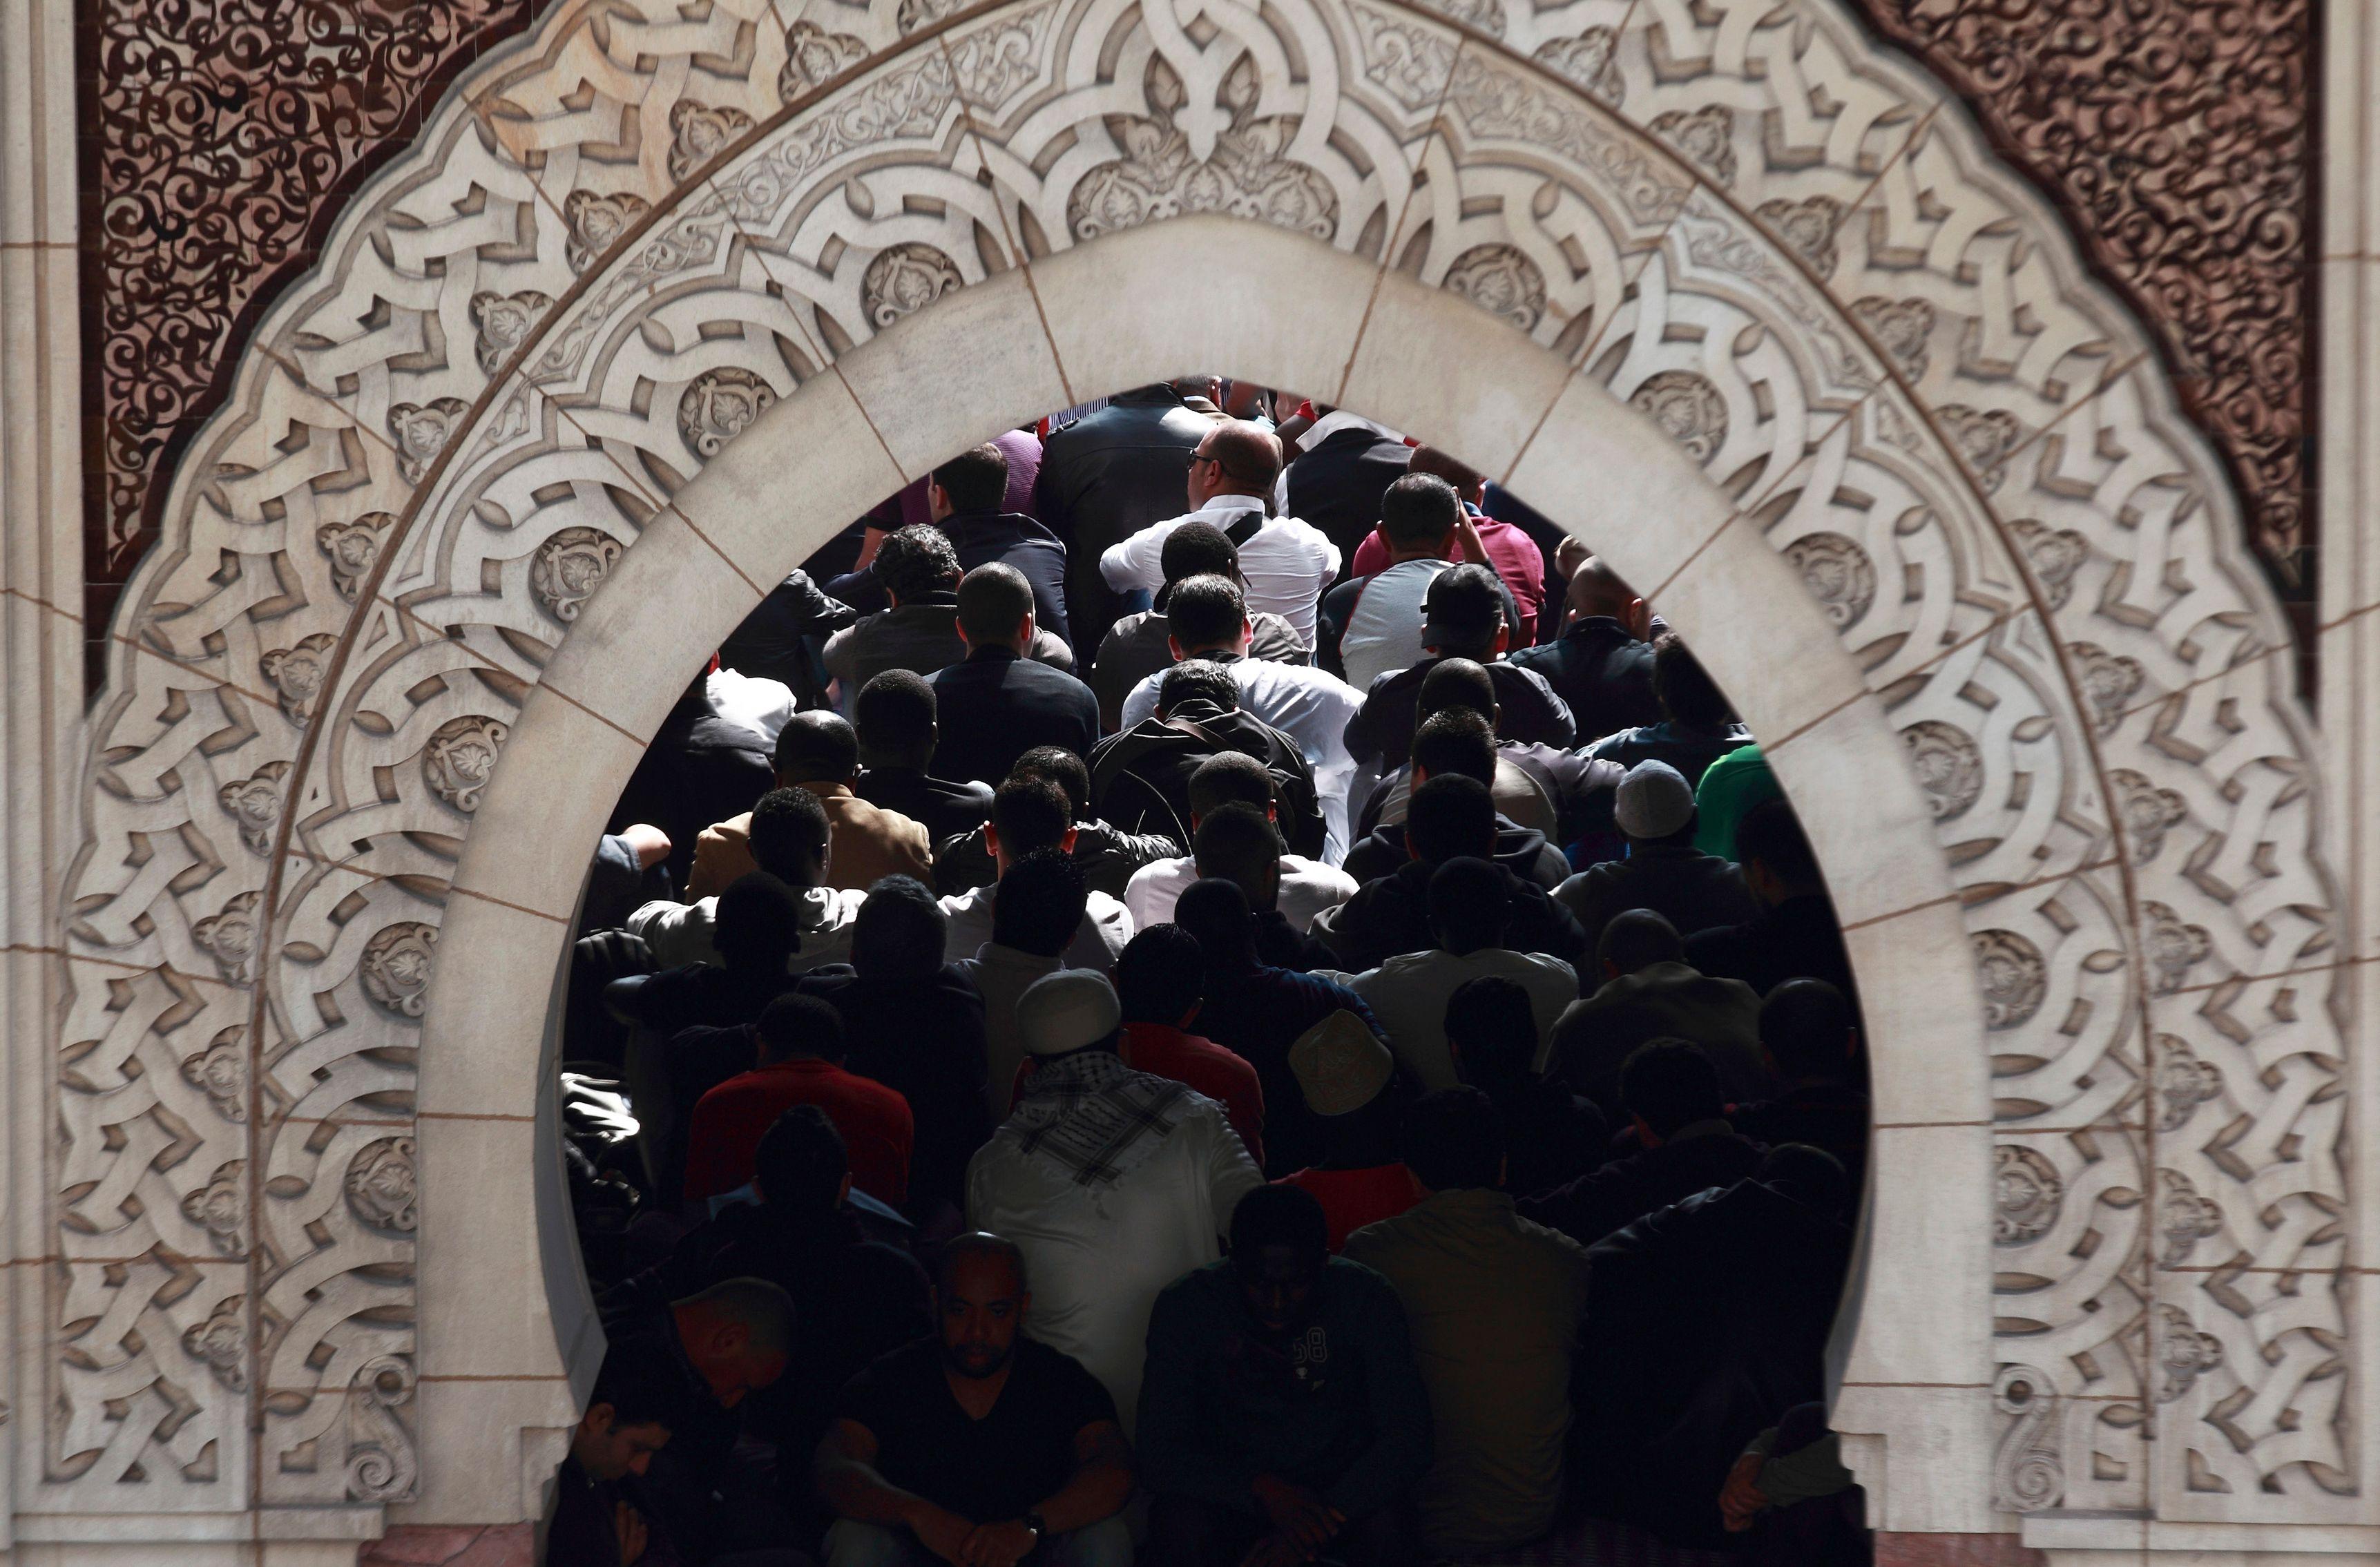 Pourquoi nous avons tous désespérément besoin que les musulmans modérés se fassent entendre fortement (pour eux comme pour les autres Français)